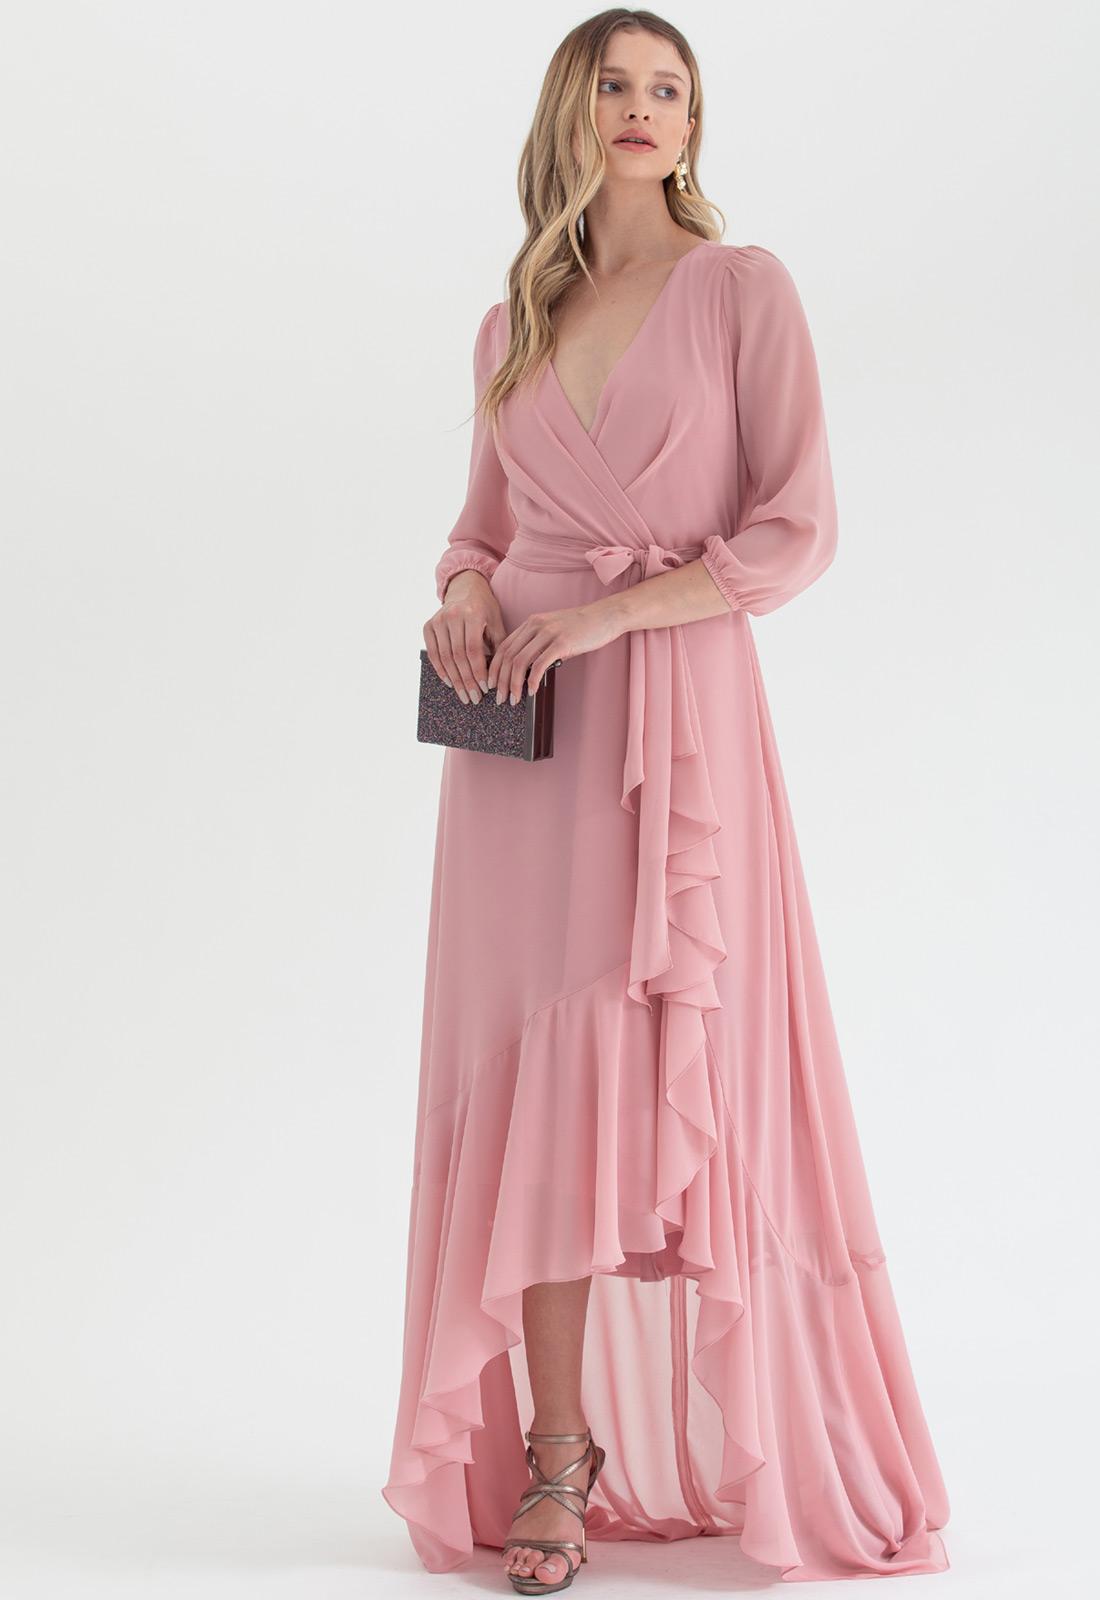 Vestido transpassado mullet Rose - Ref. 2543L